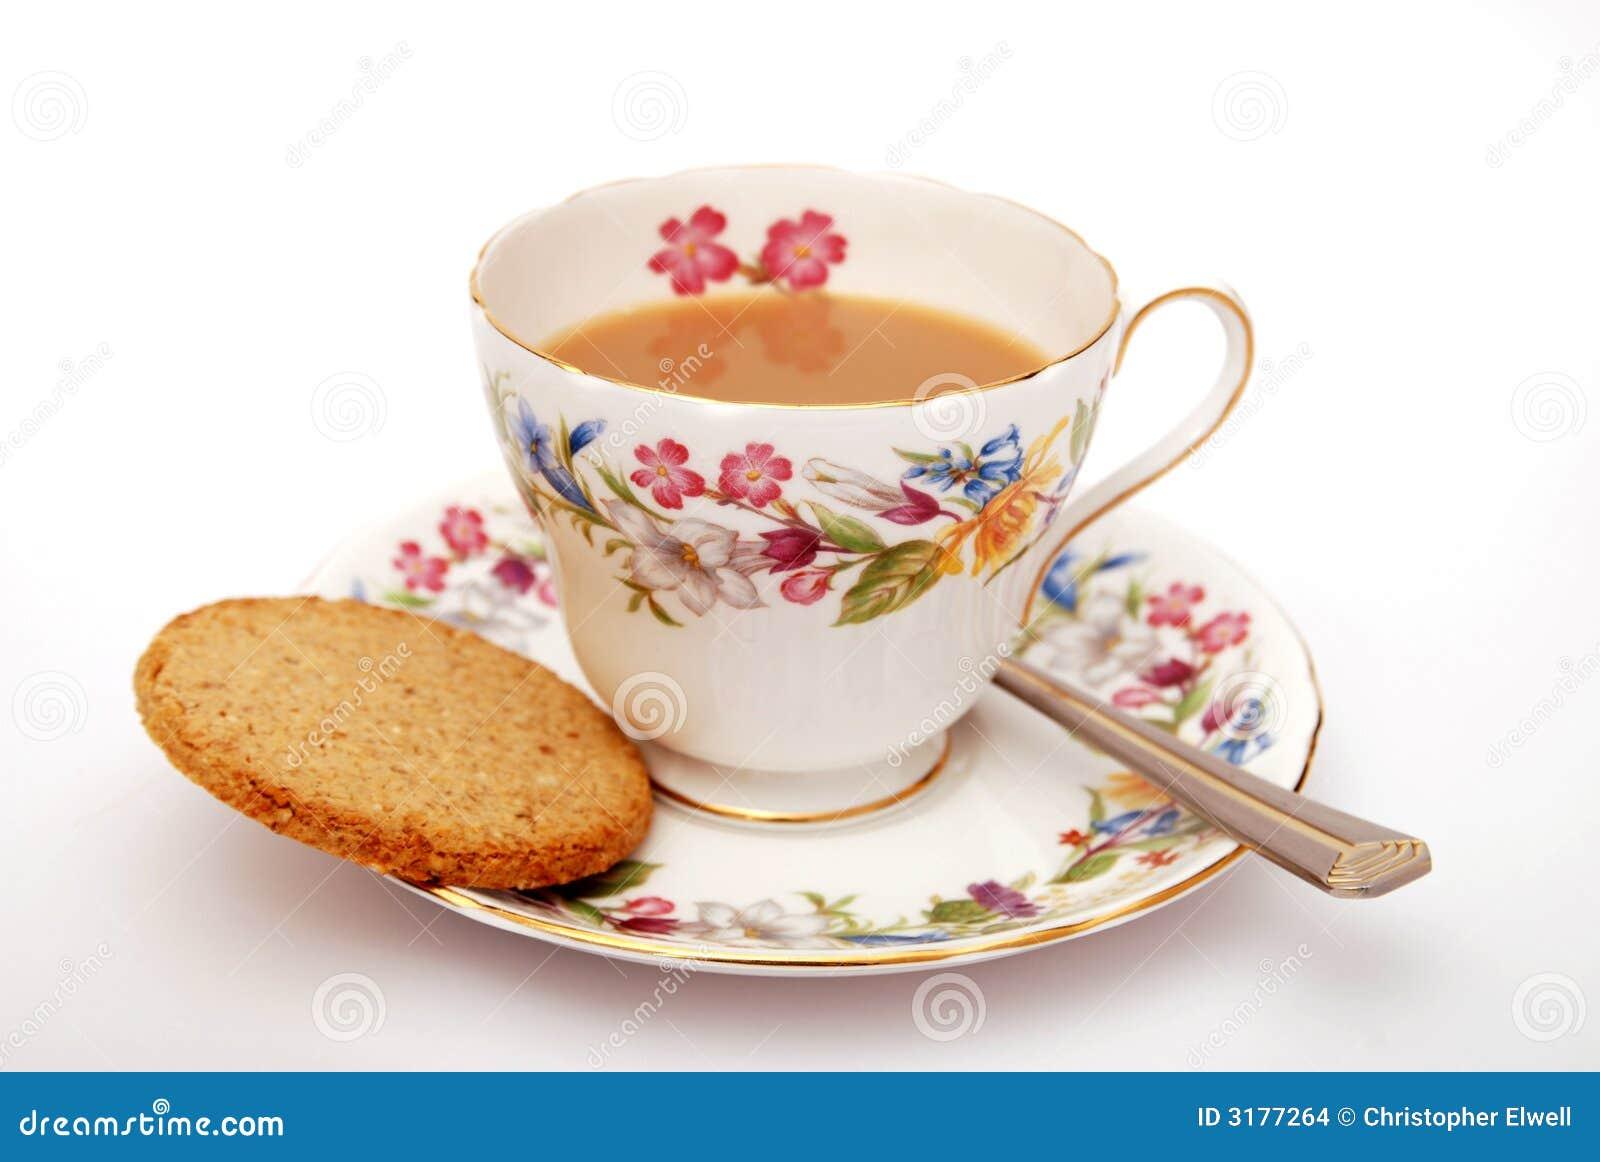 饼干英语茶